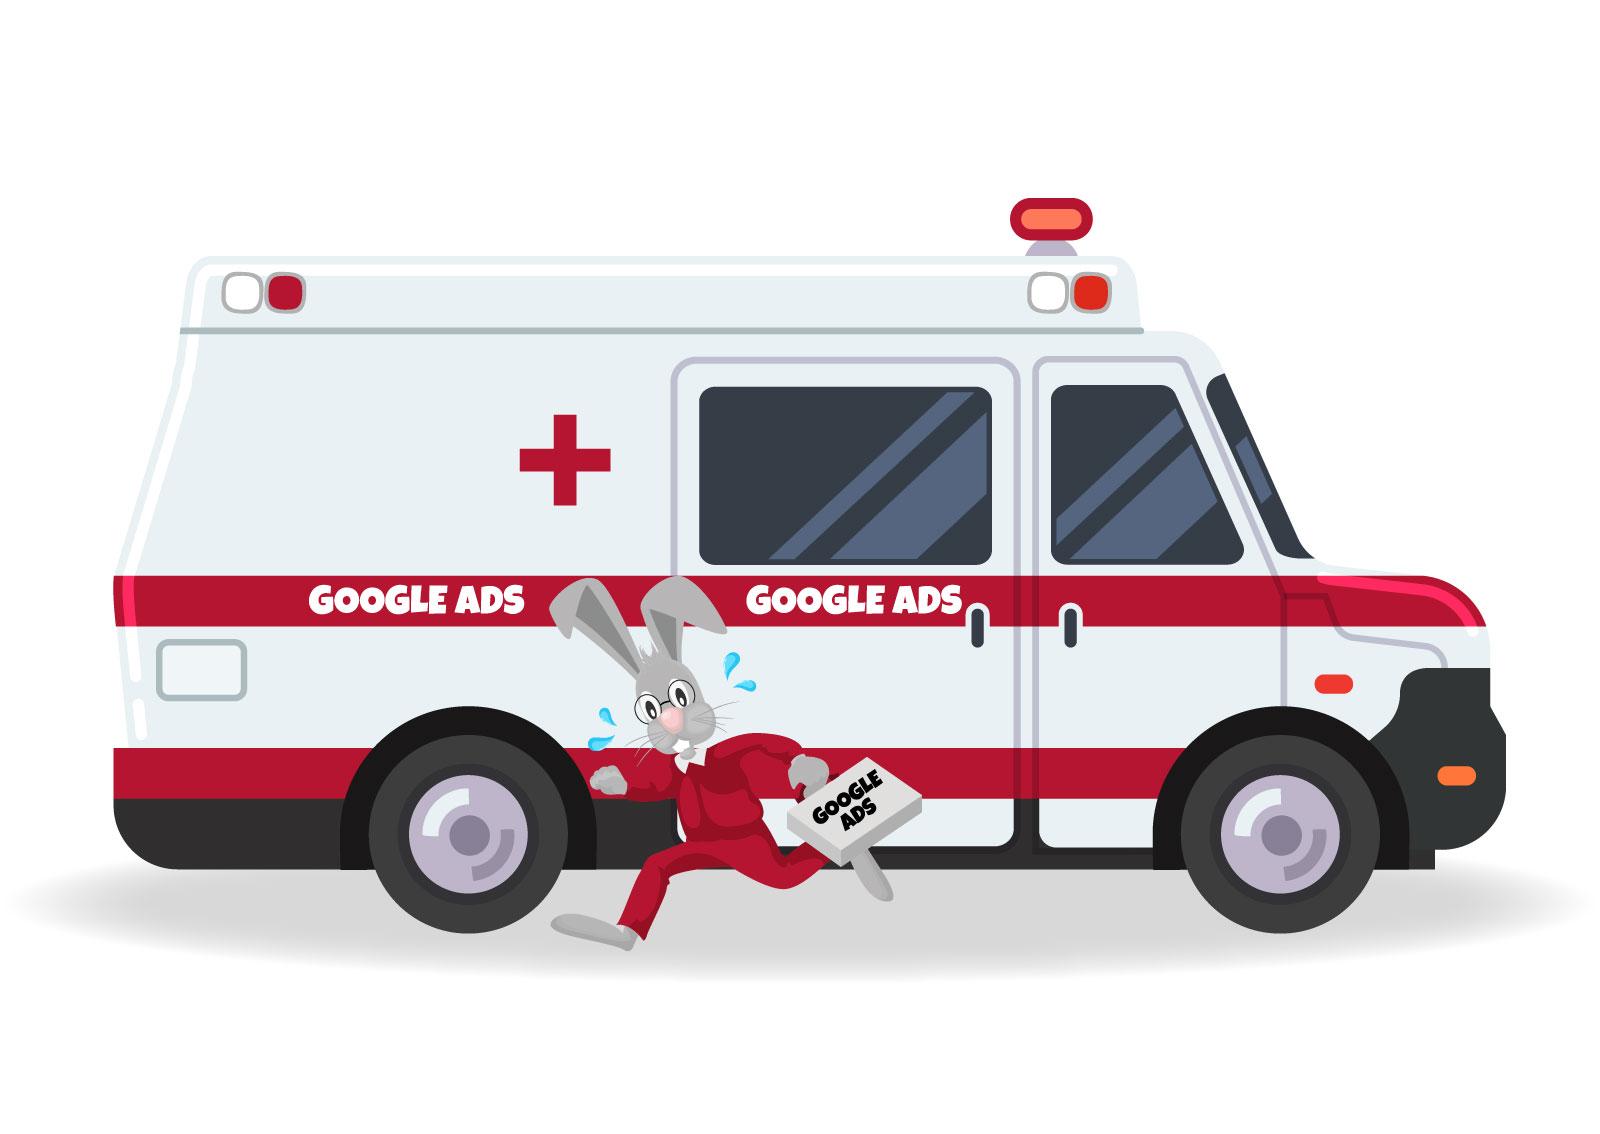 Ilustracija zeca koji trči iz kola hitne pomoći i donosi Google Ads onda kada nema vremena za SEO